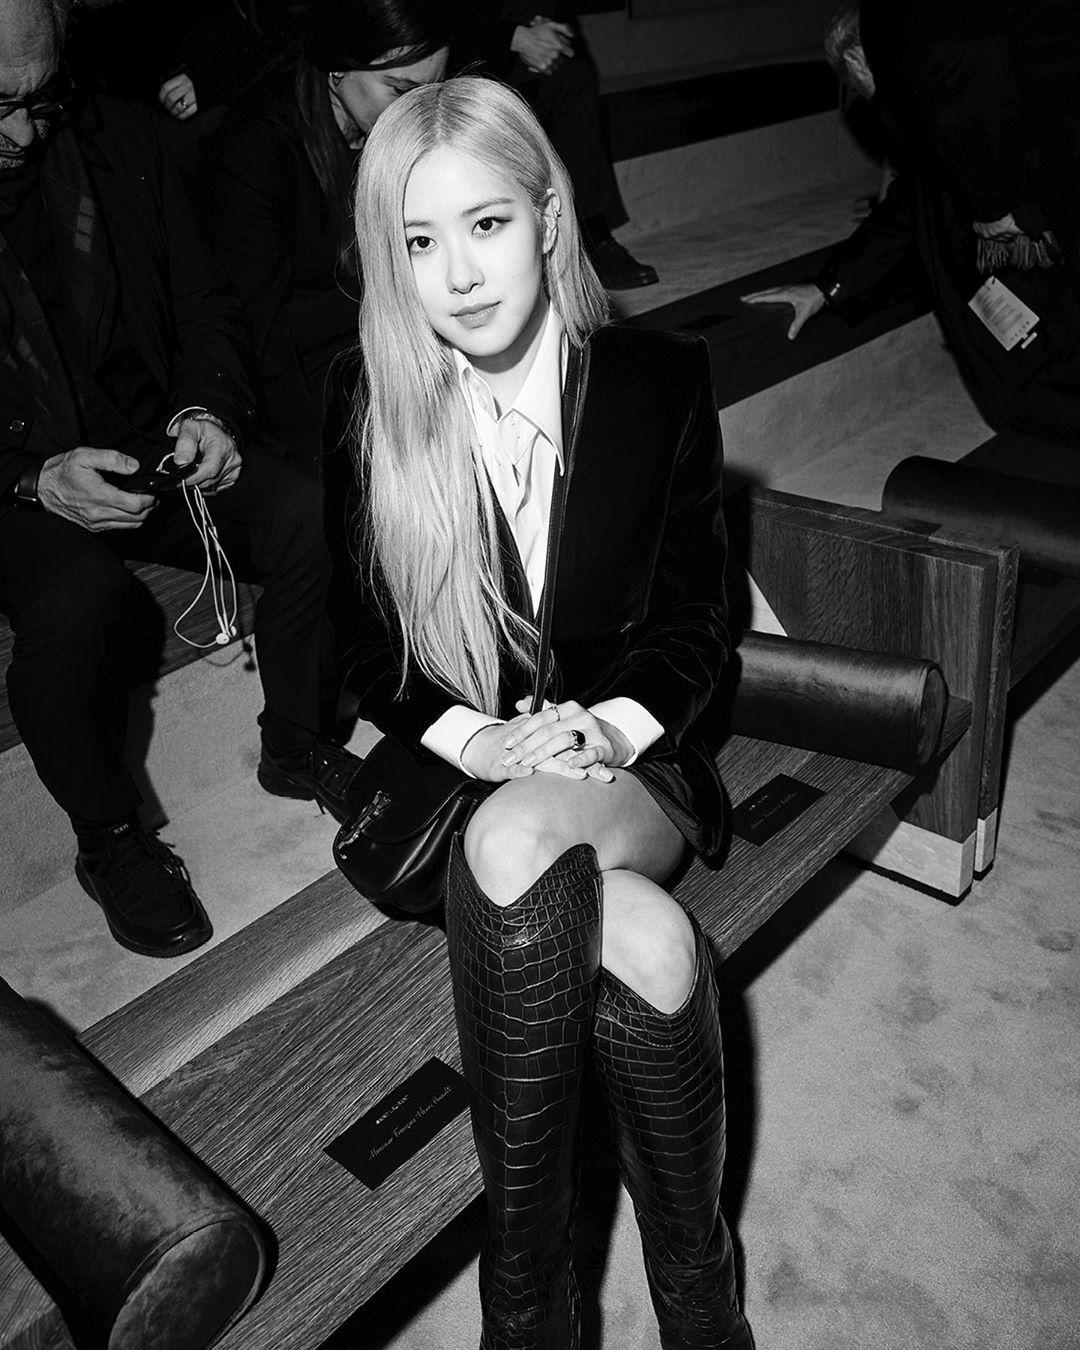 4 cô đại sứ BLACKPINK khi lên Instagram của nhà mốt lớn: Jennie, Jisoo biến hóa đa dạng nhưng Rosé có màn lột xác đáng gờm nhất  - Ảnh 9.